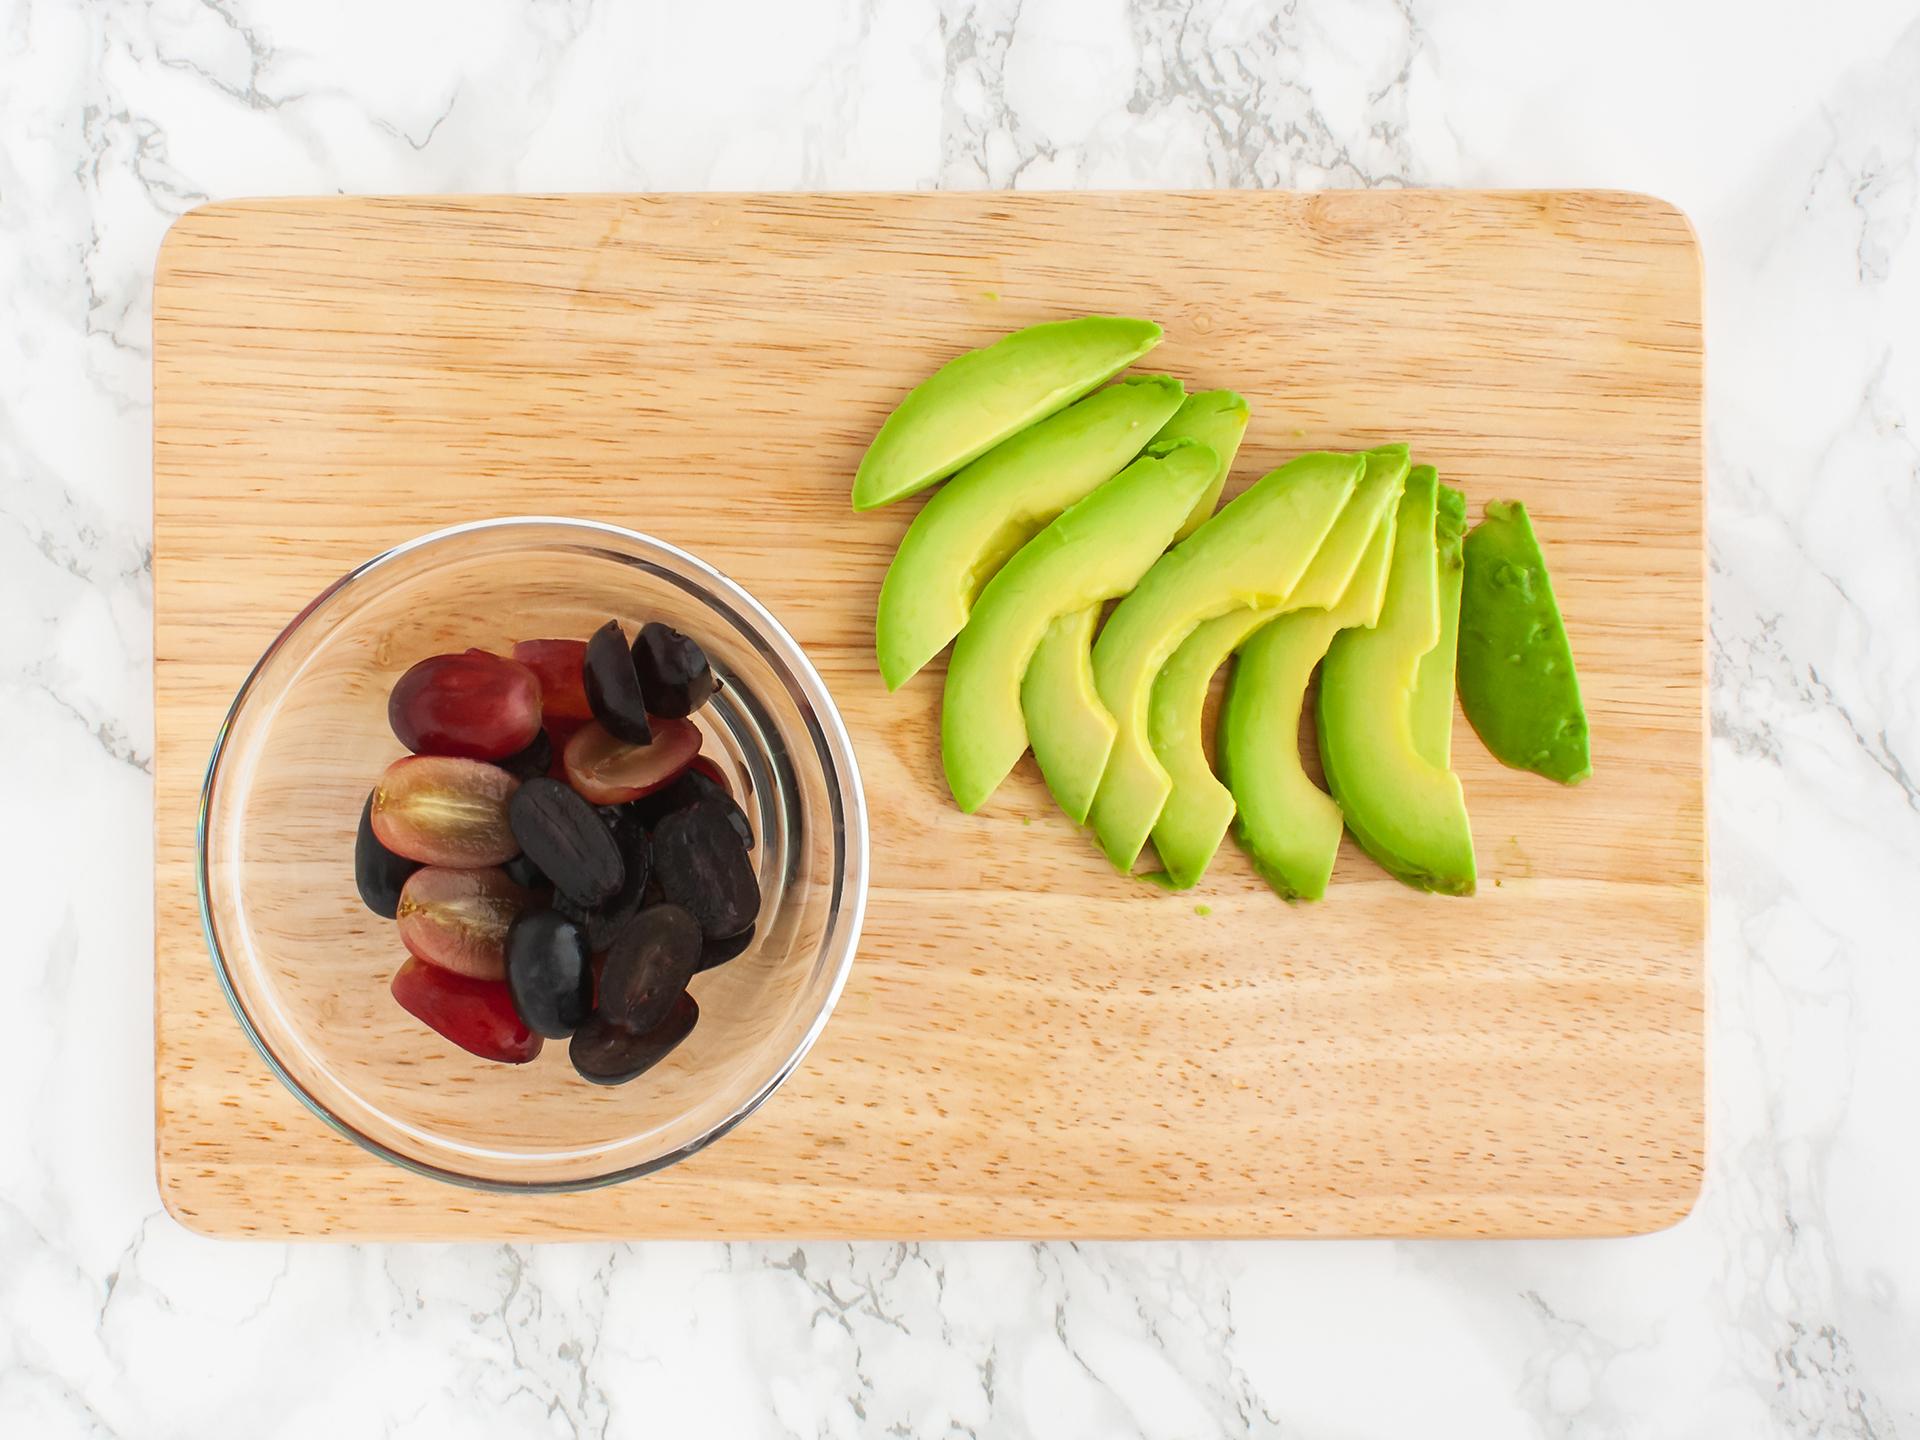 Step 2.1 of Quinoa Avocado Spinach Salad with Grapes